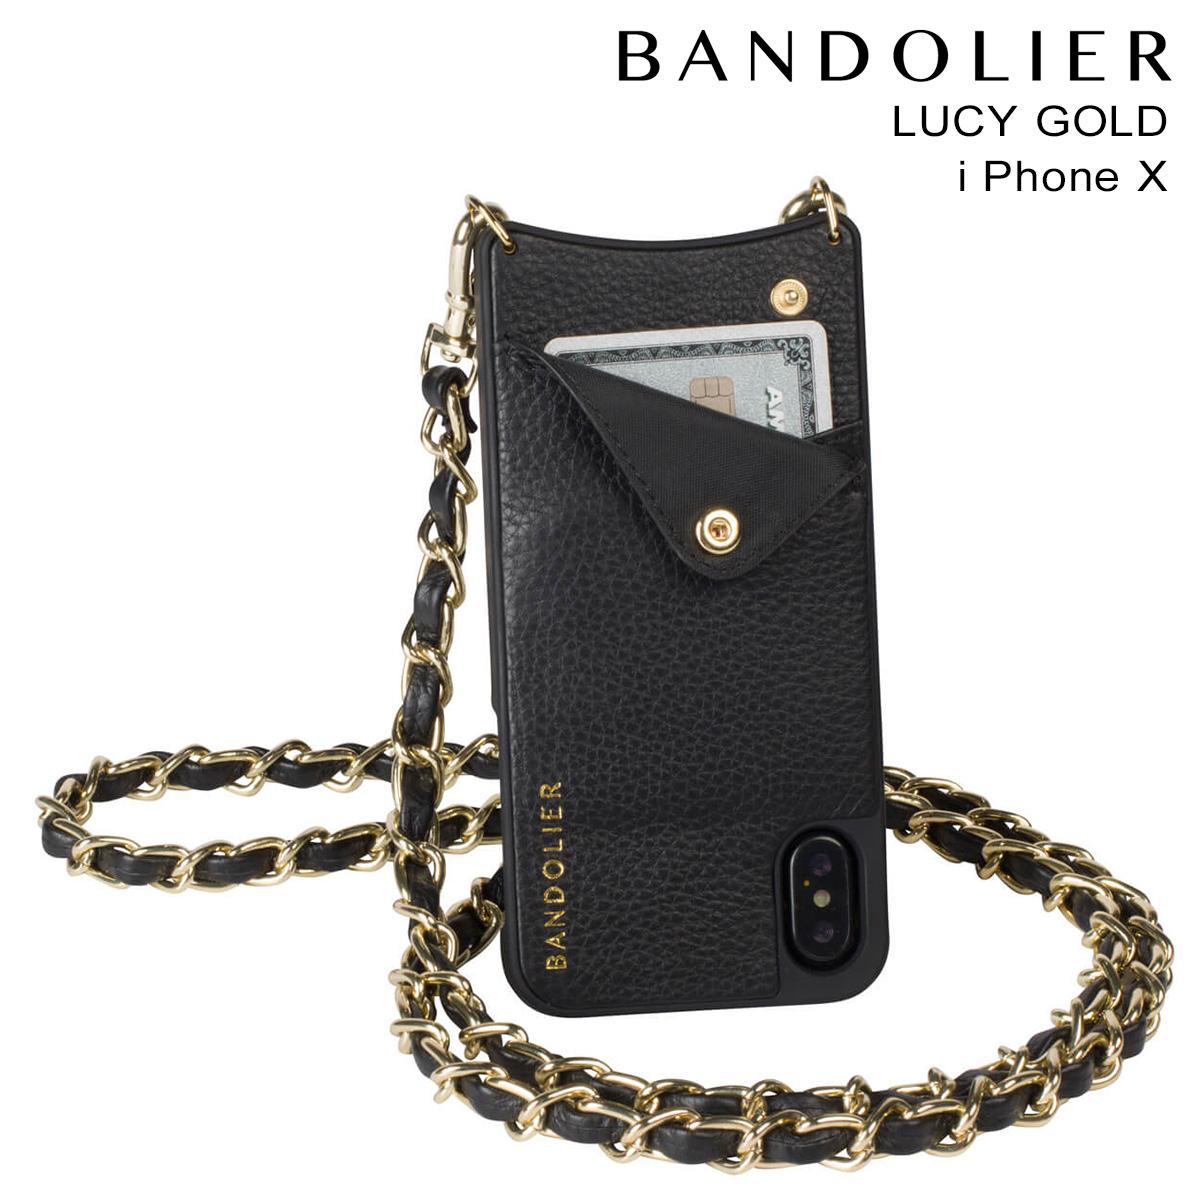 バンドリヤー BANDOLIER iPhoneX ケース スマホ アイフォン LUCY GOLD レザー メンズ レディース